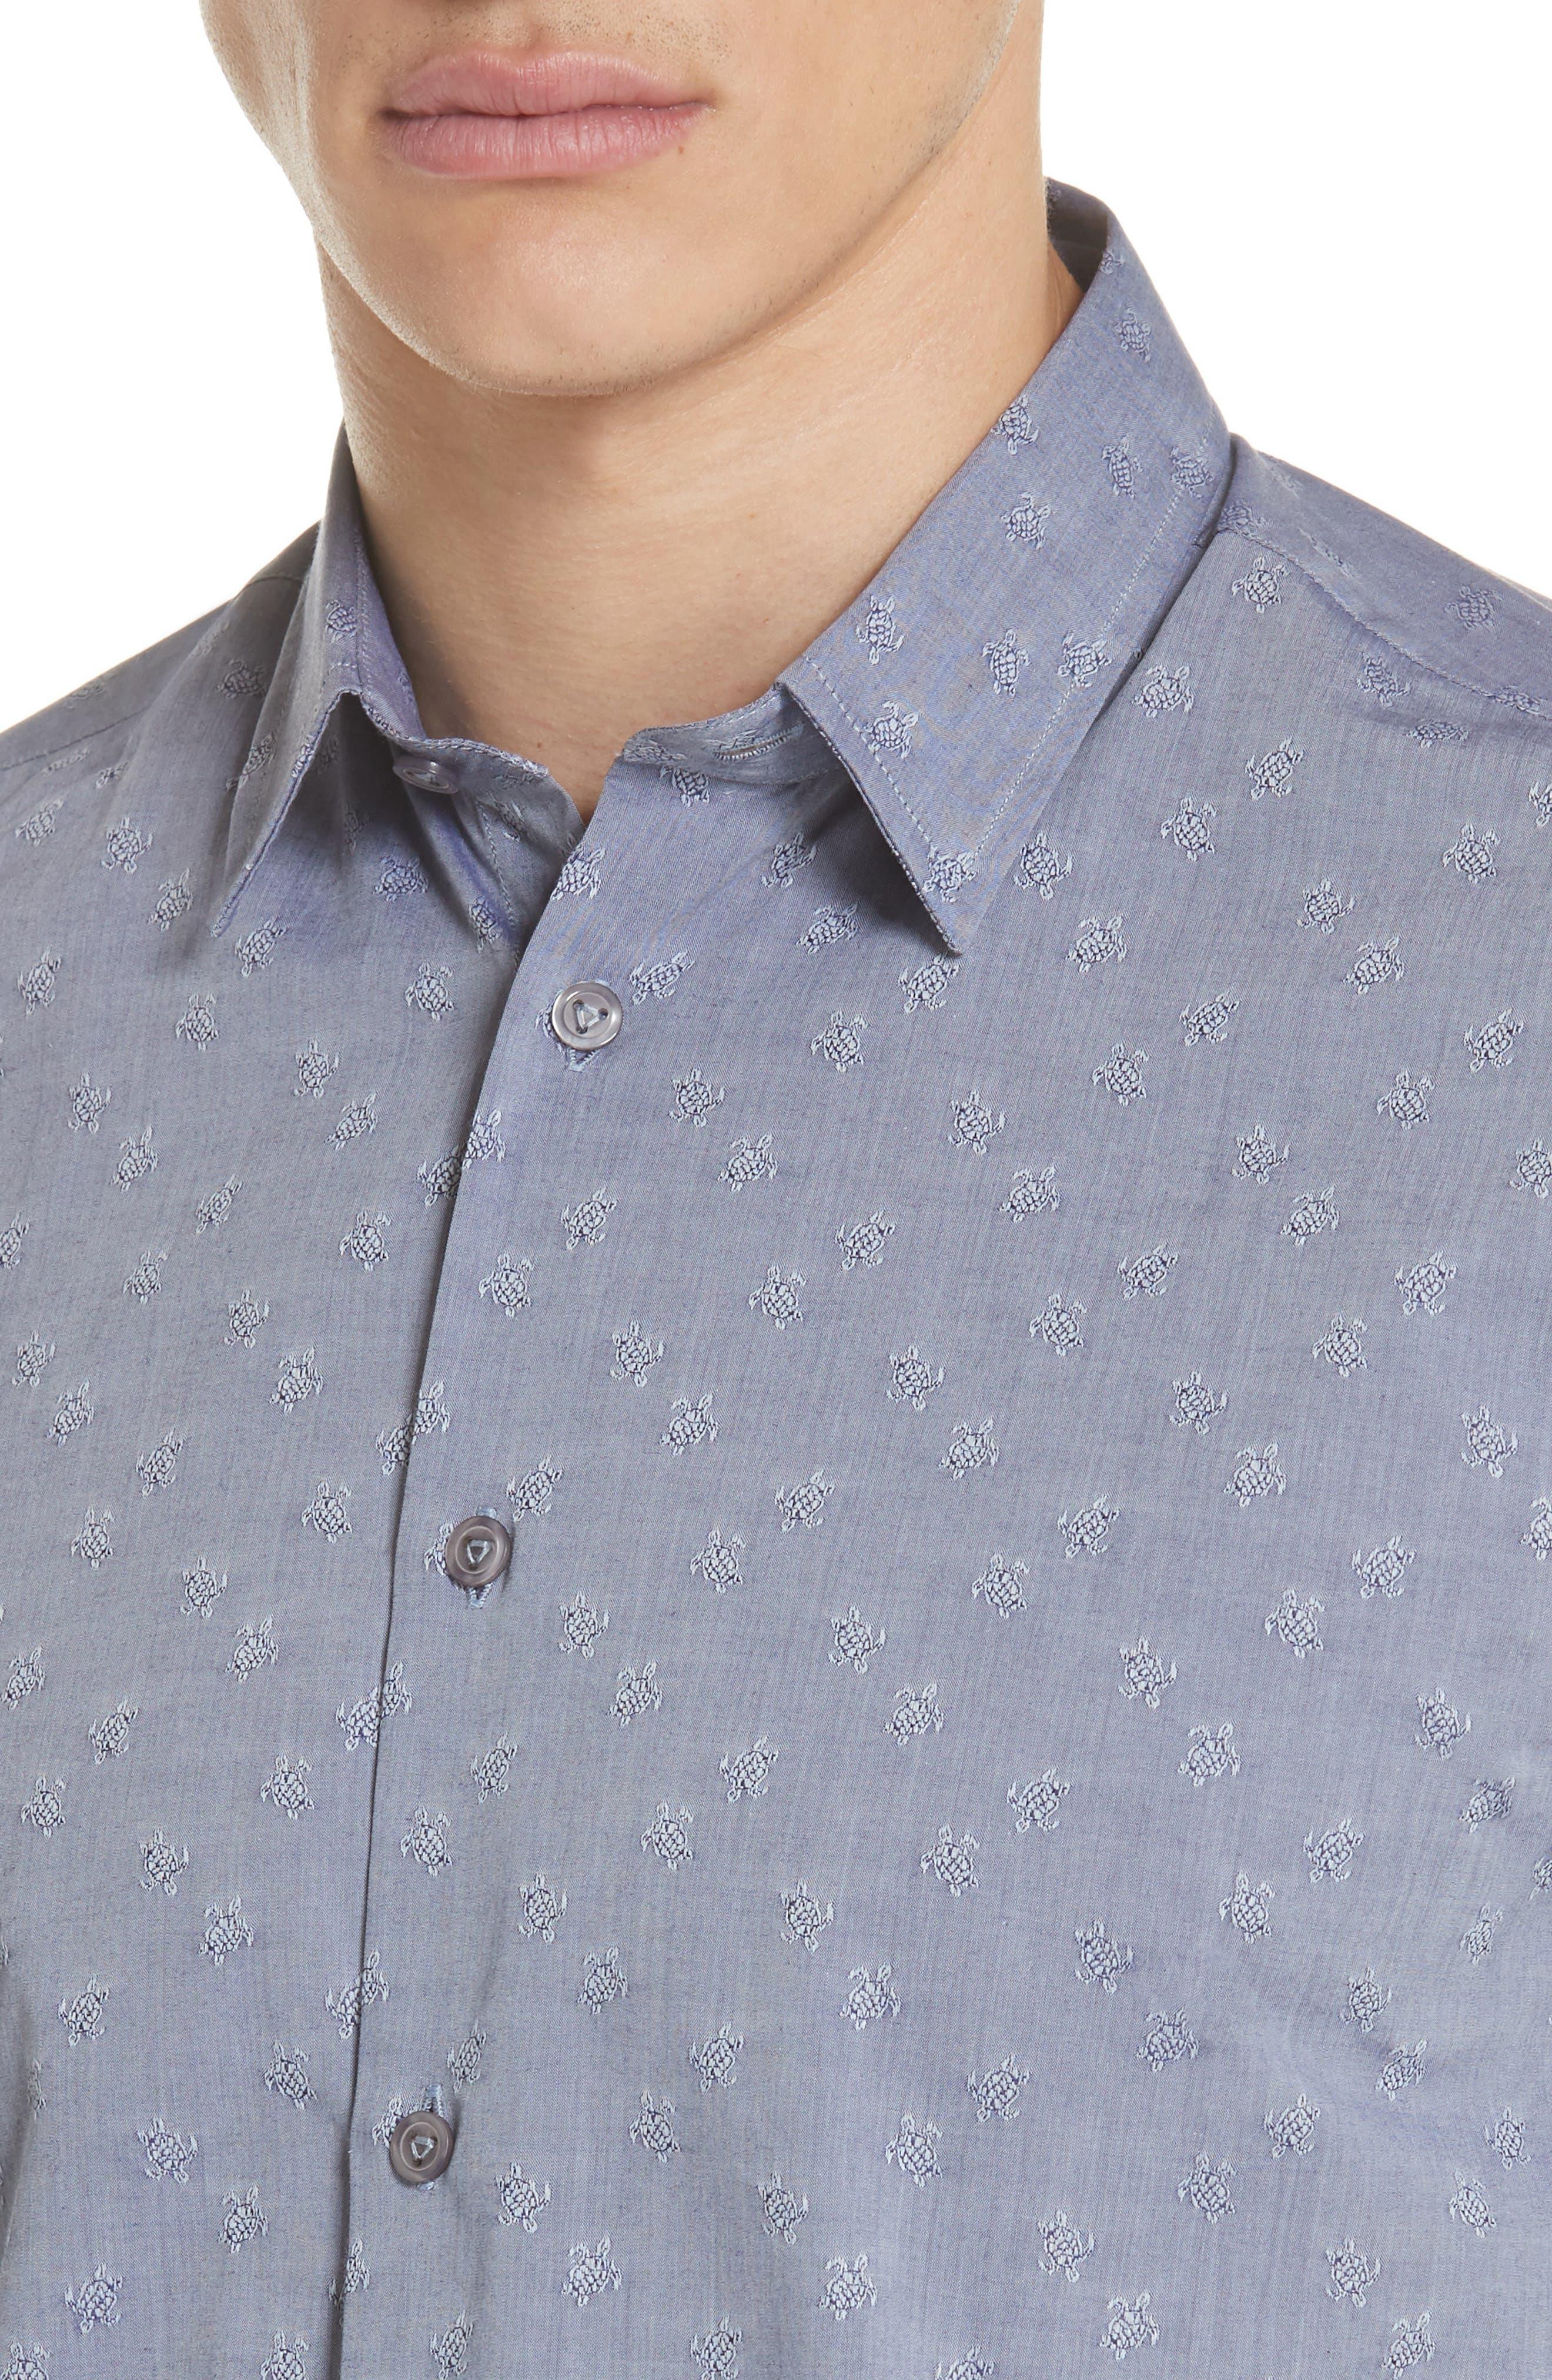 Turtle Jacquard Sport Shirt,                             Alternate thumbnail 4, color,                             NAVY